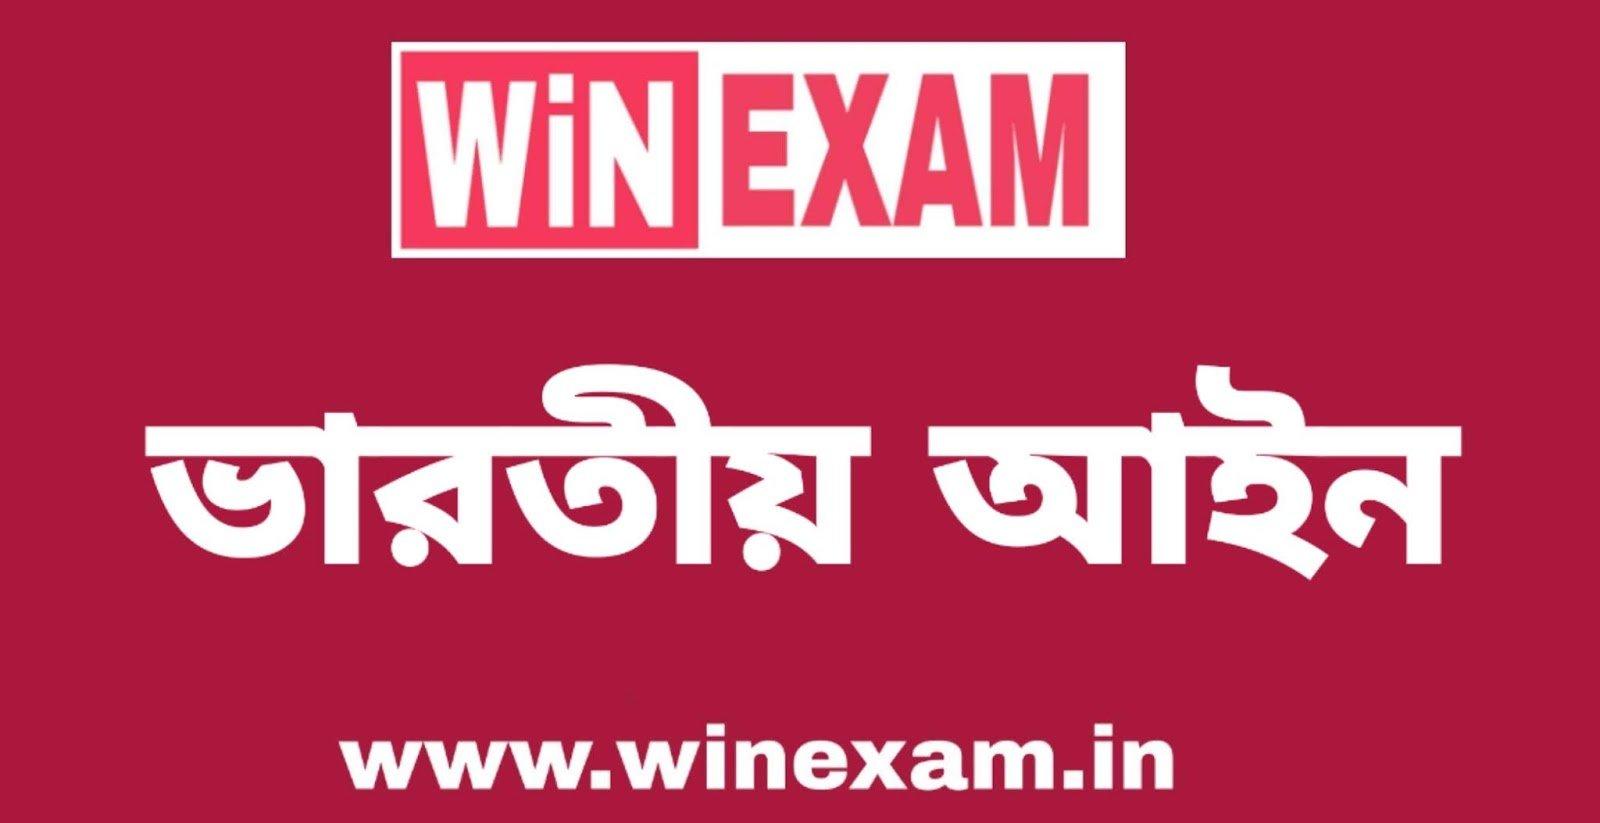 বাড়িভাড়া আইন | ভারতীয় আইন - Indian Law in Bengali | WiN EXAM